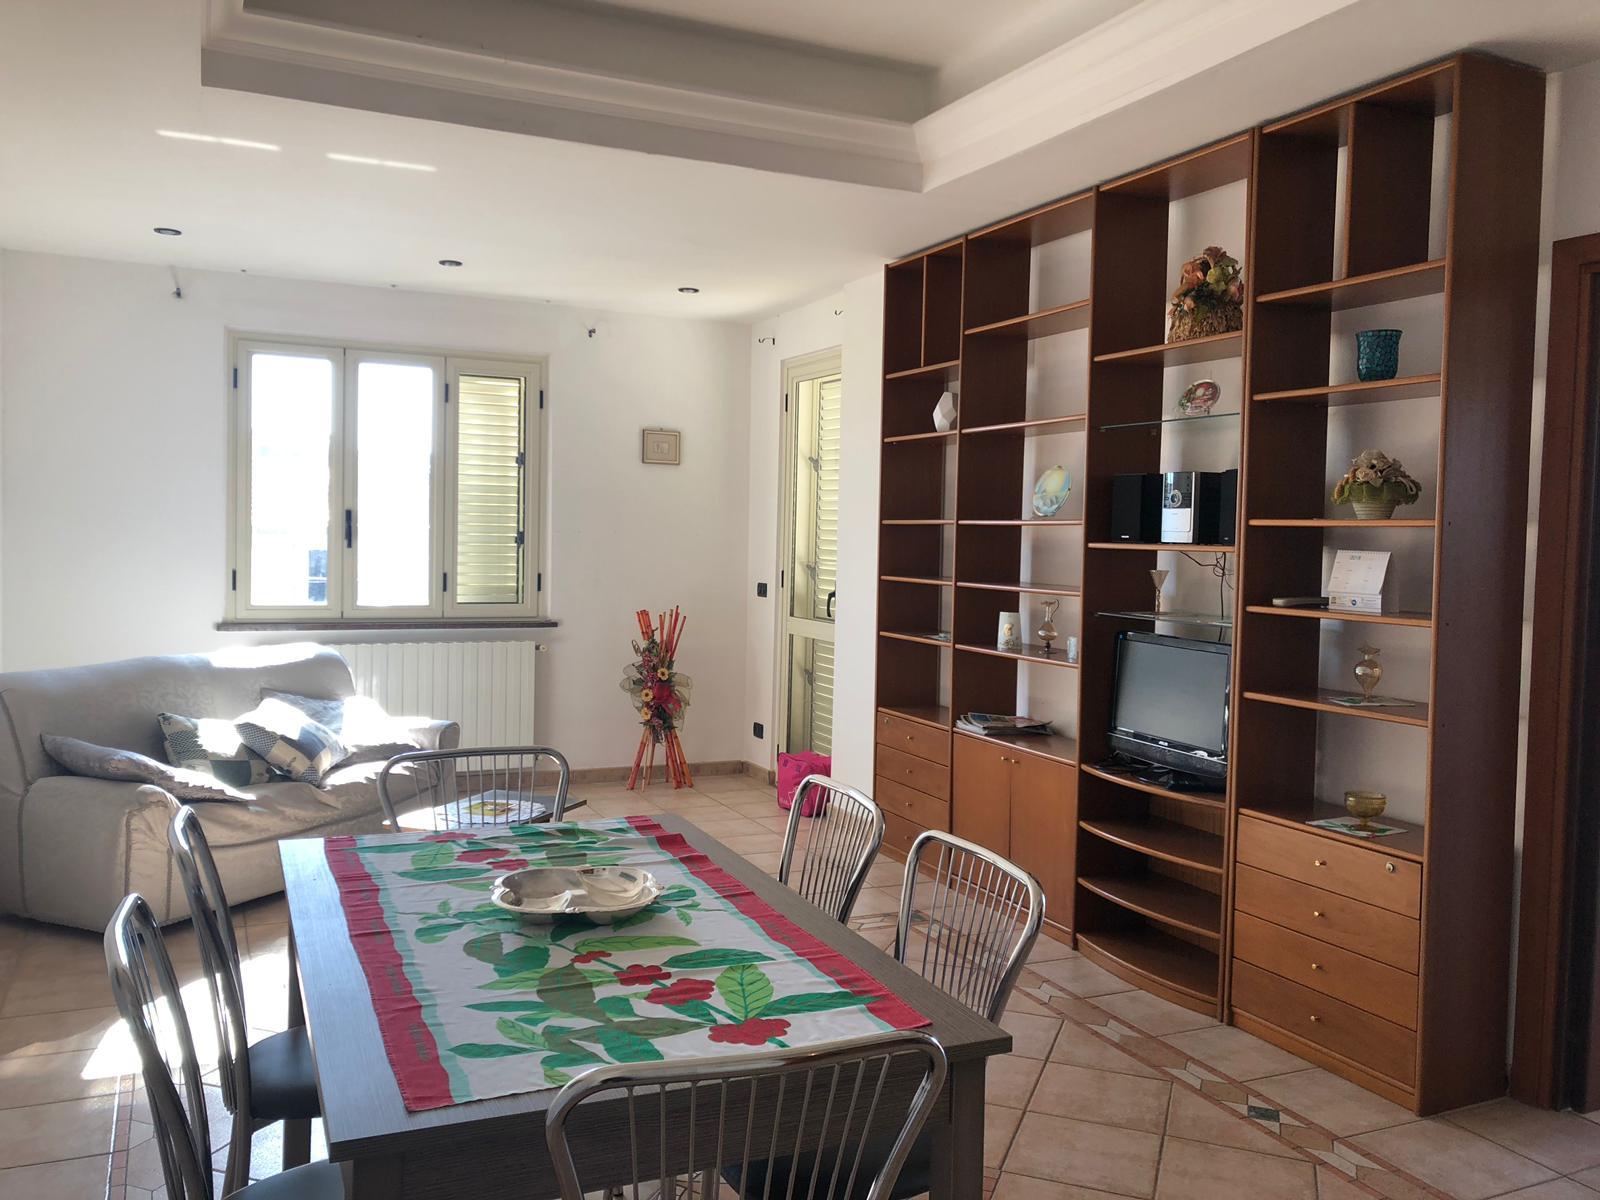 AFFITTO ESTIVO – Appartamento al Piano Terzo